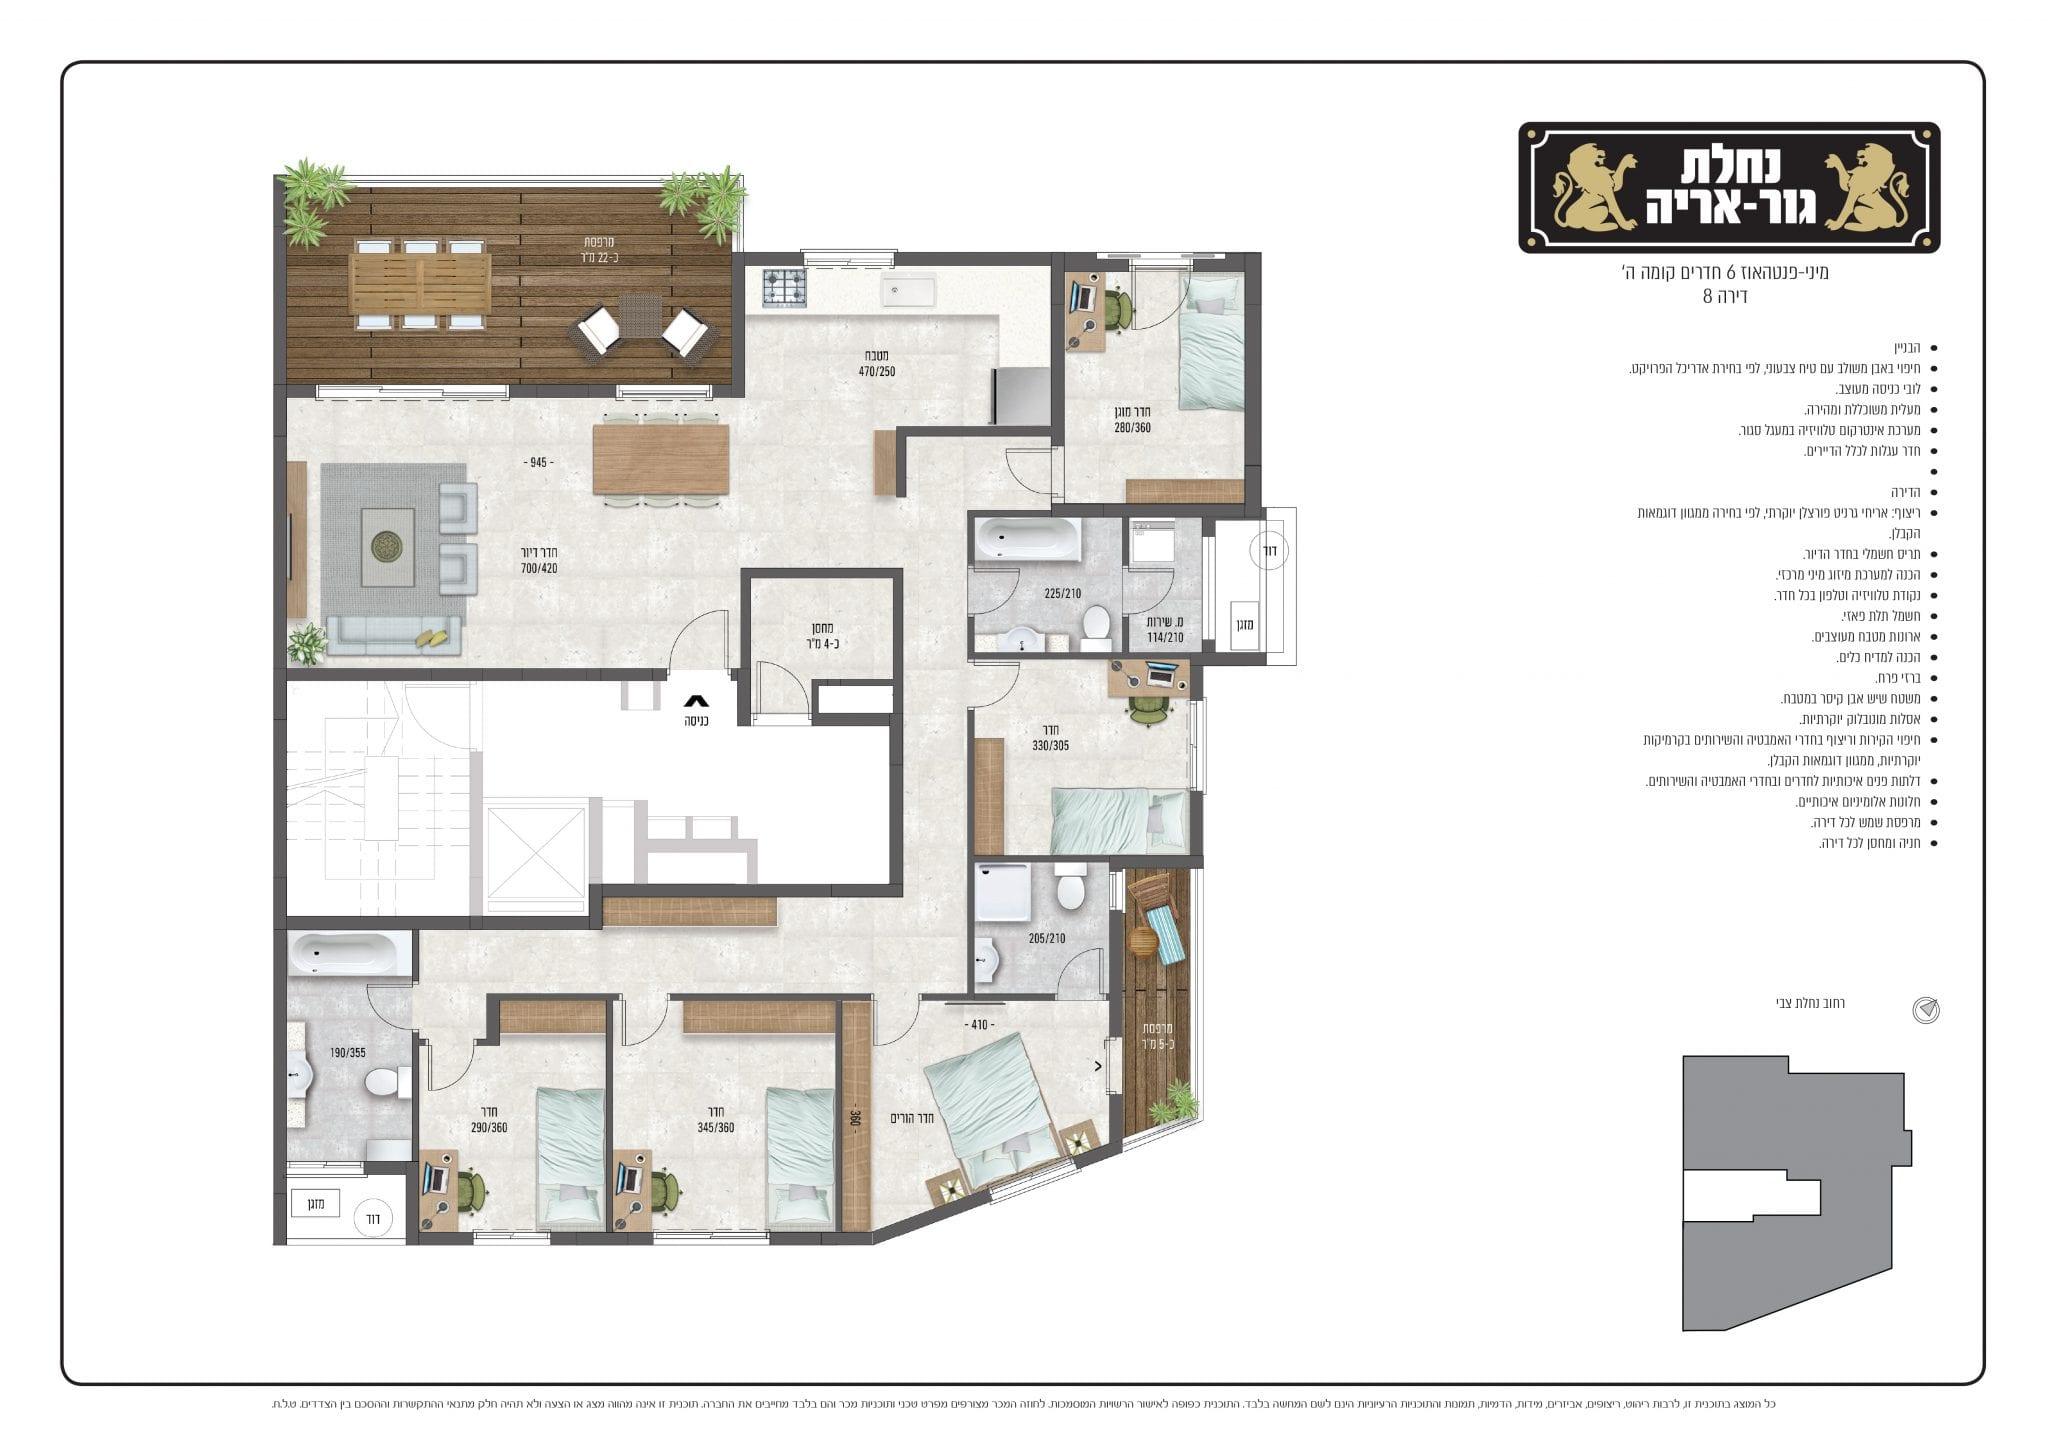 מיני-פנטהאוז 6 חדרים, קומה 5 - מספר 8